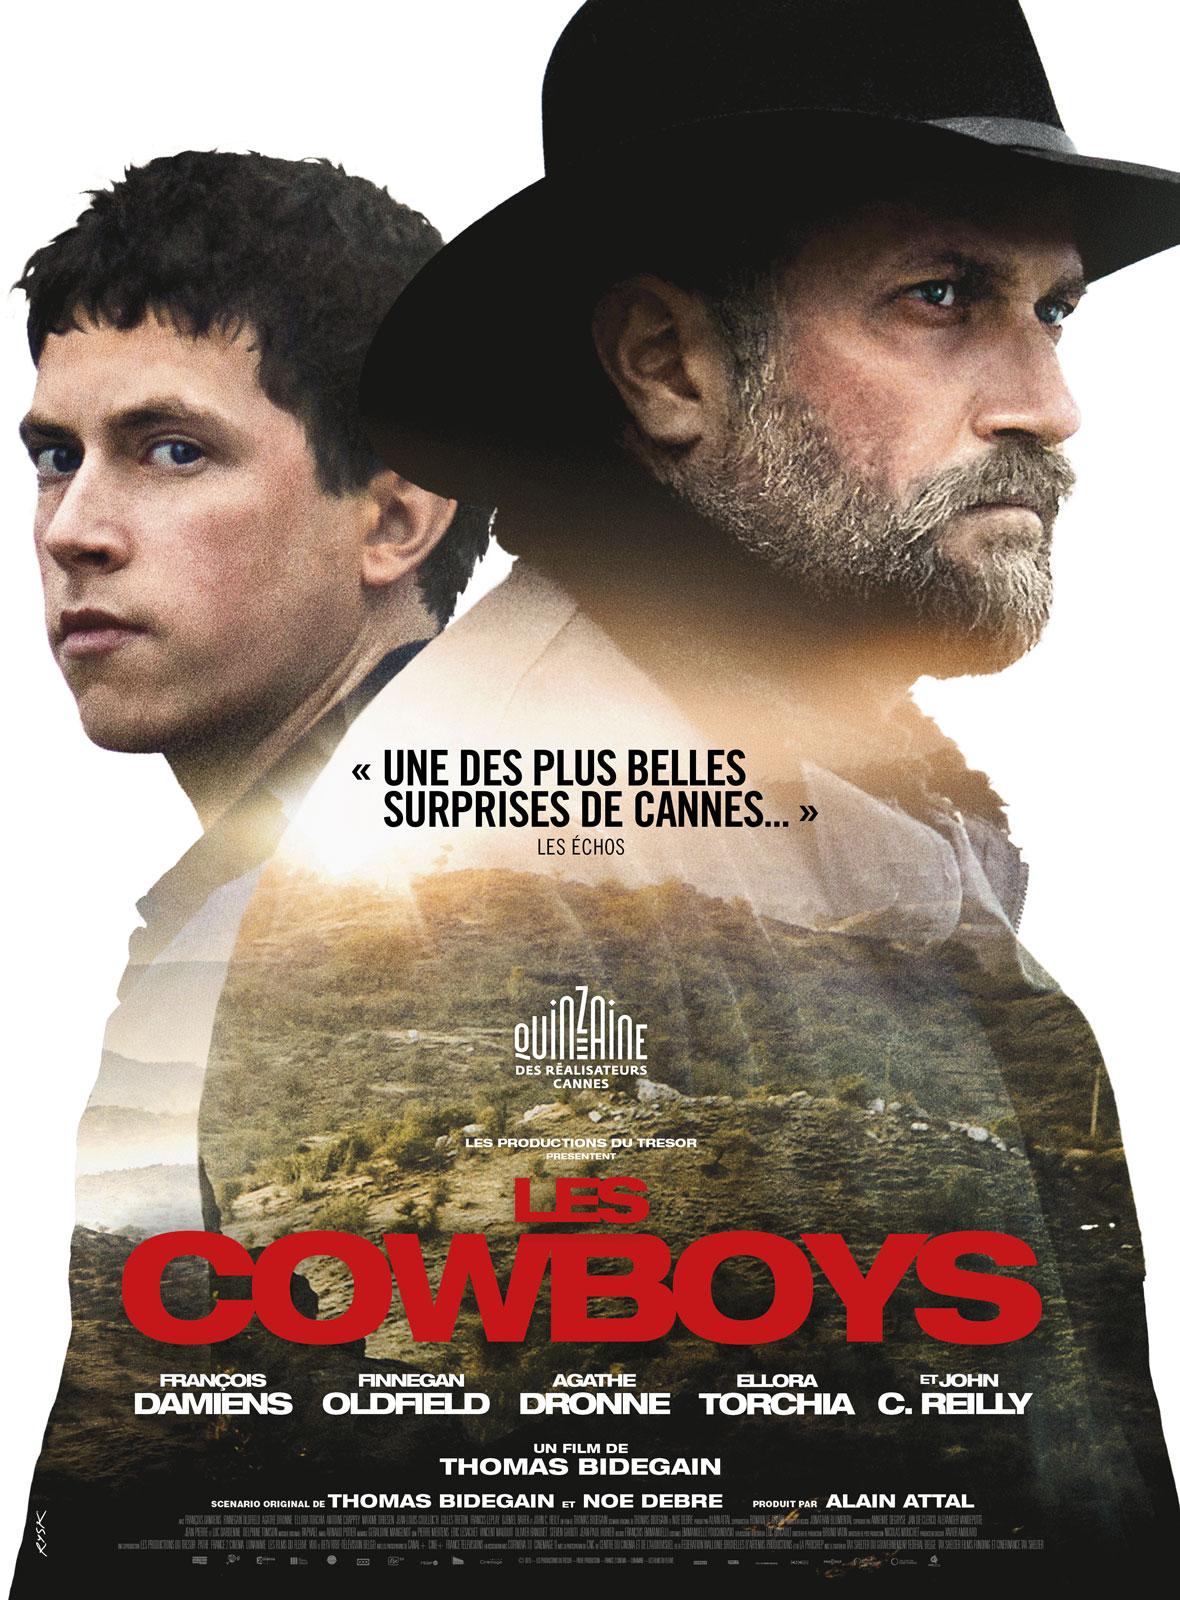 Les Cowboys ddl